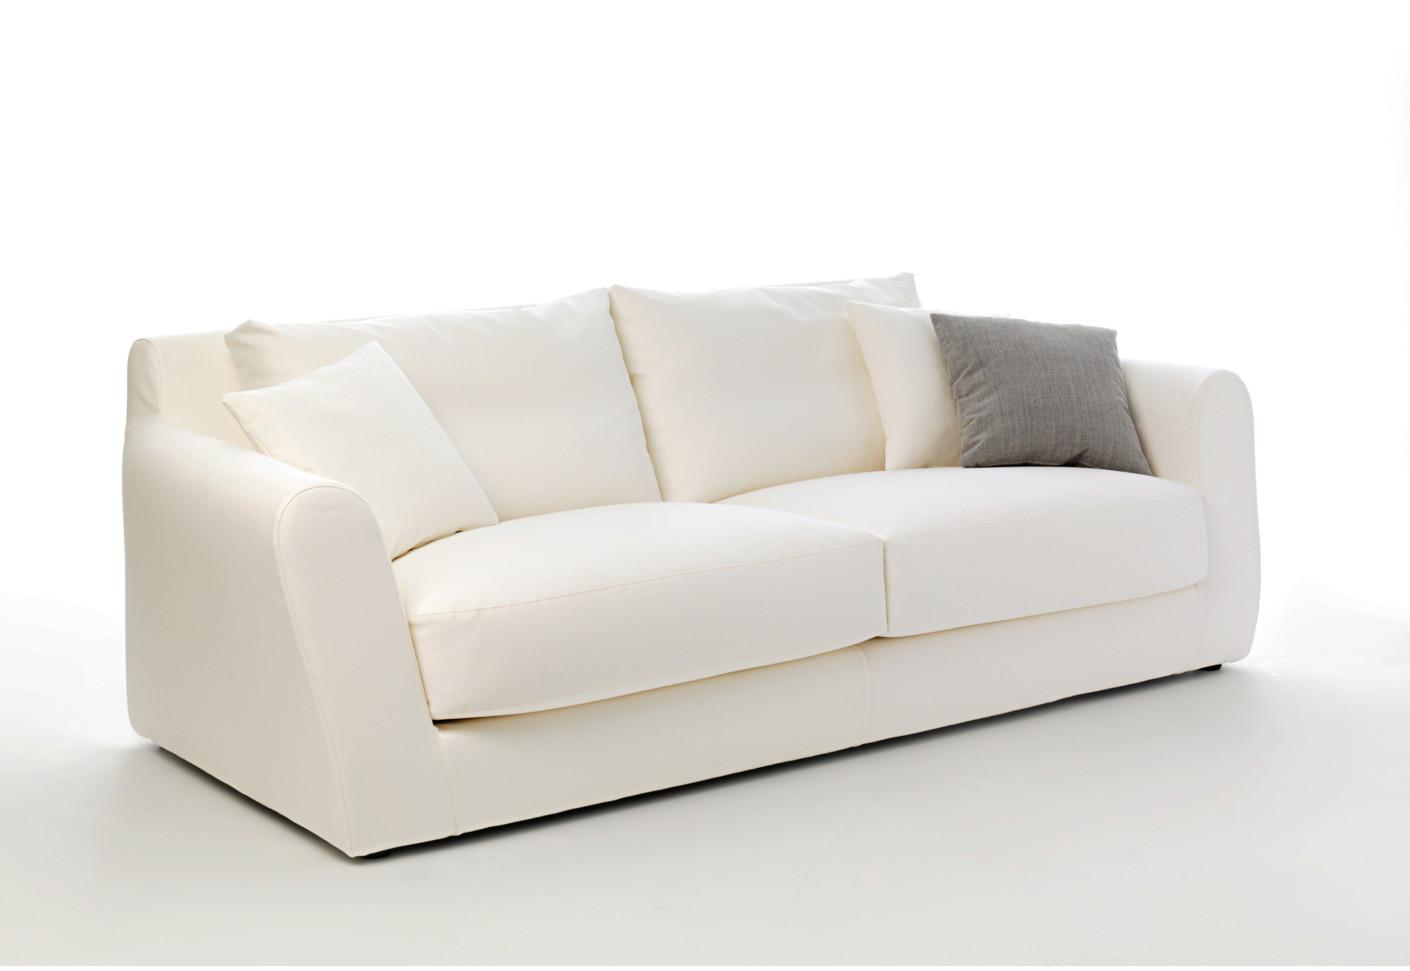 Gran milano sofa big by cerruti baleri stylepark for Sofa gran confort precios